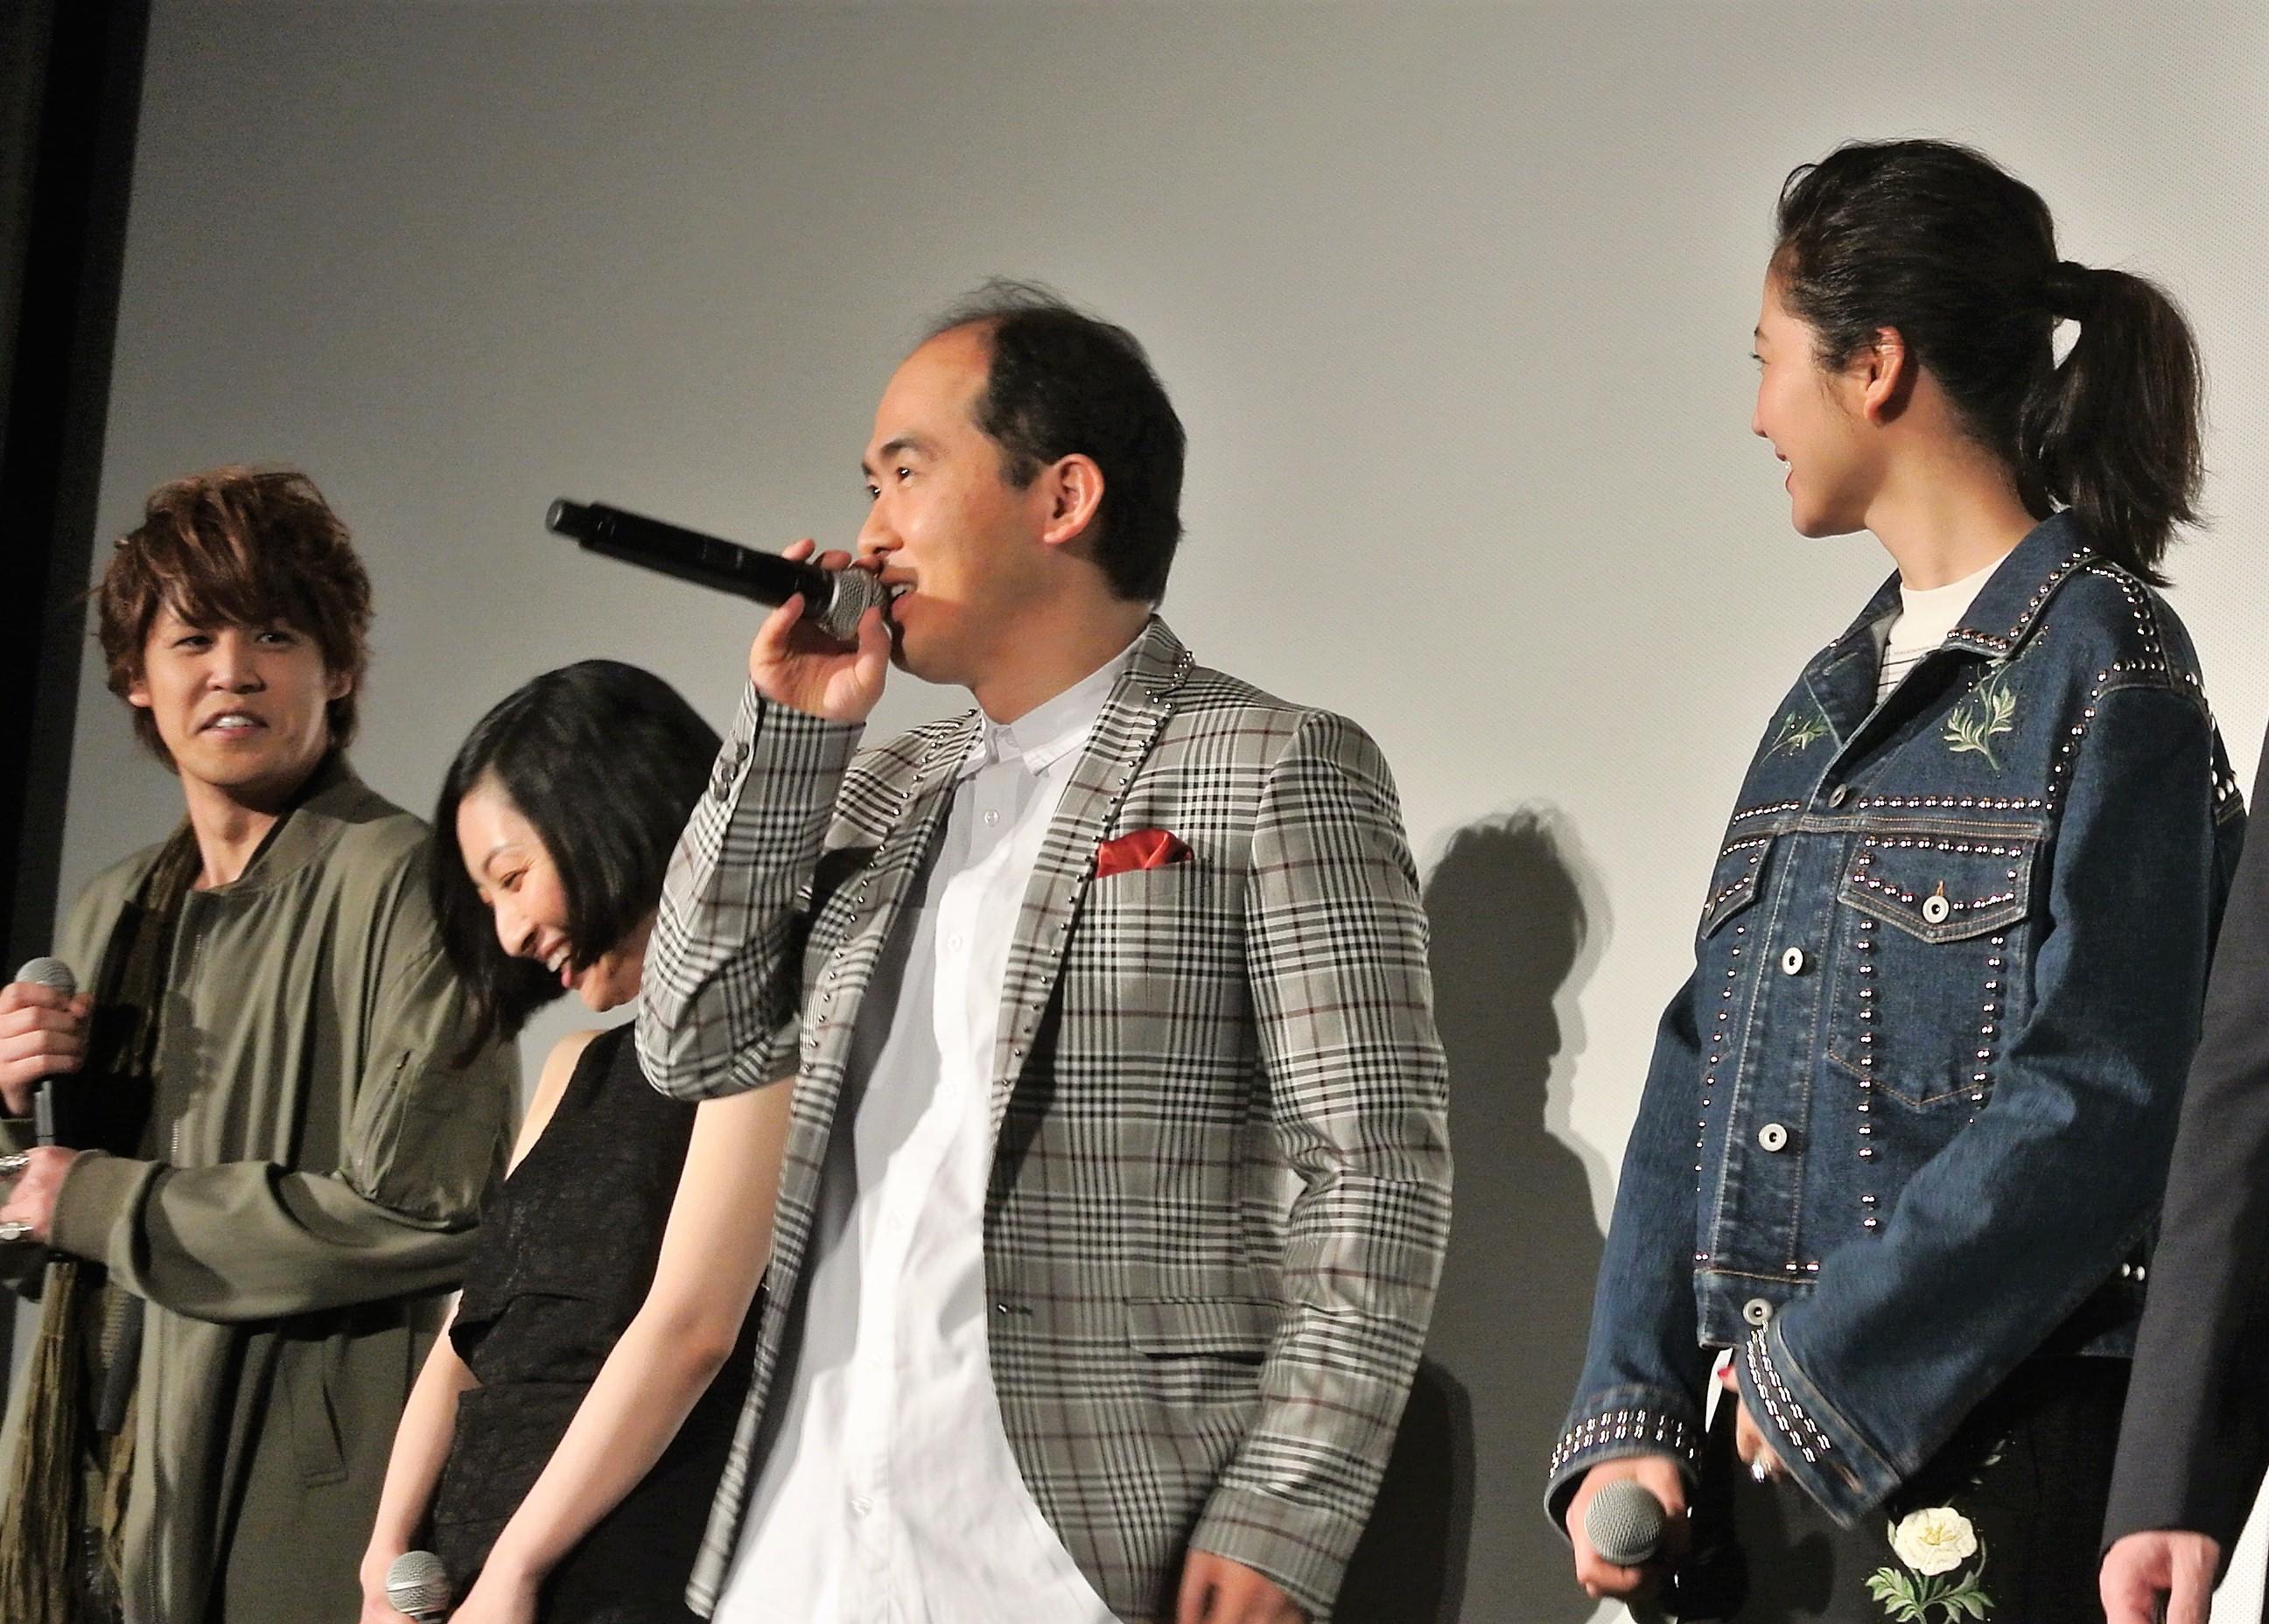 http://news.yoshimoto.co.jp/20170318134927-5fe8c6a74f3ced9113db4de90c88214295330a12.jpg